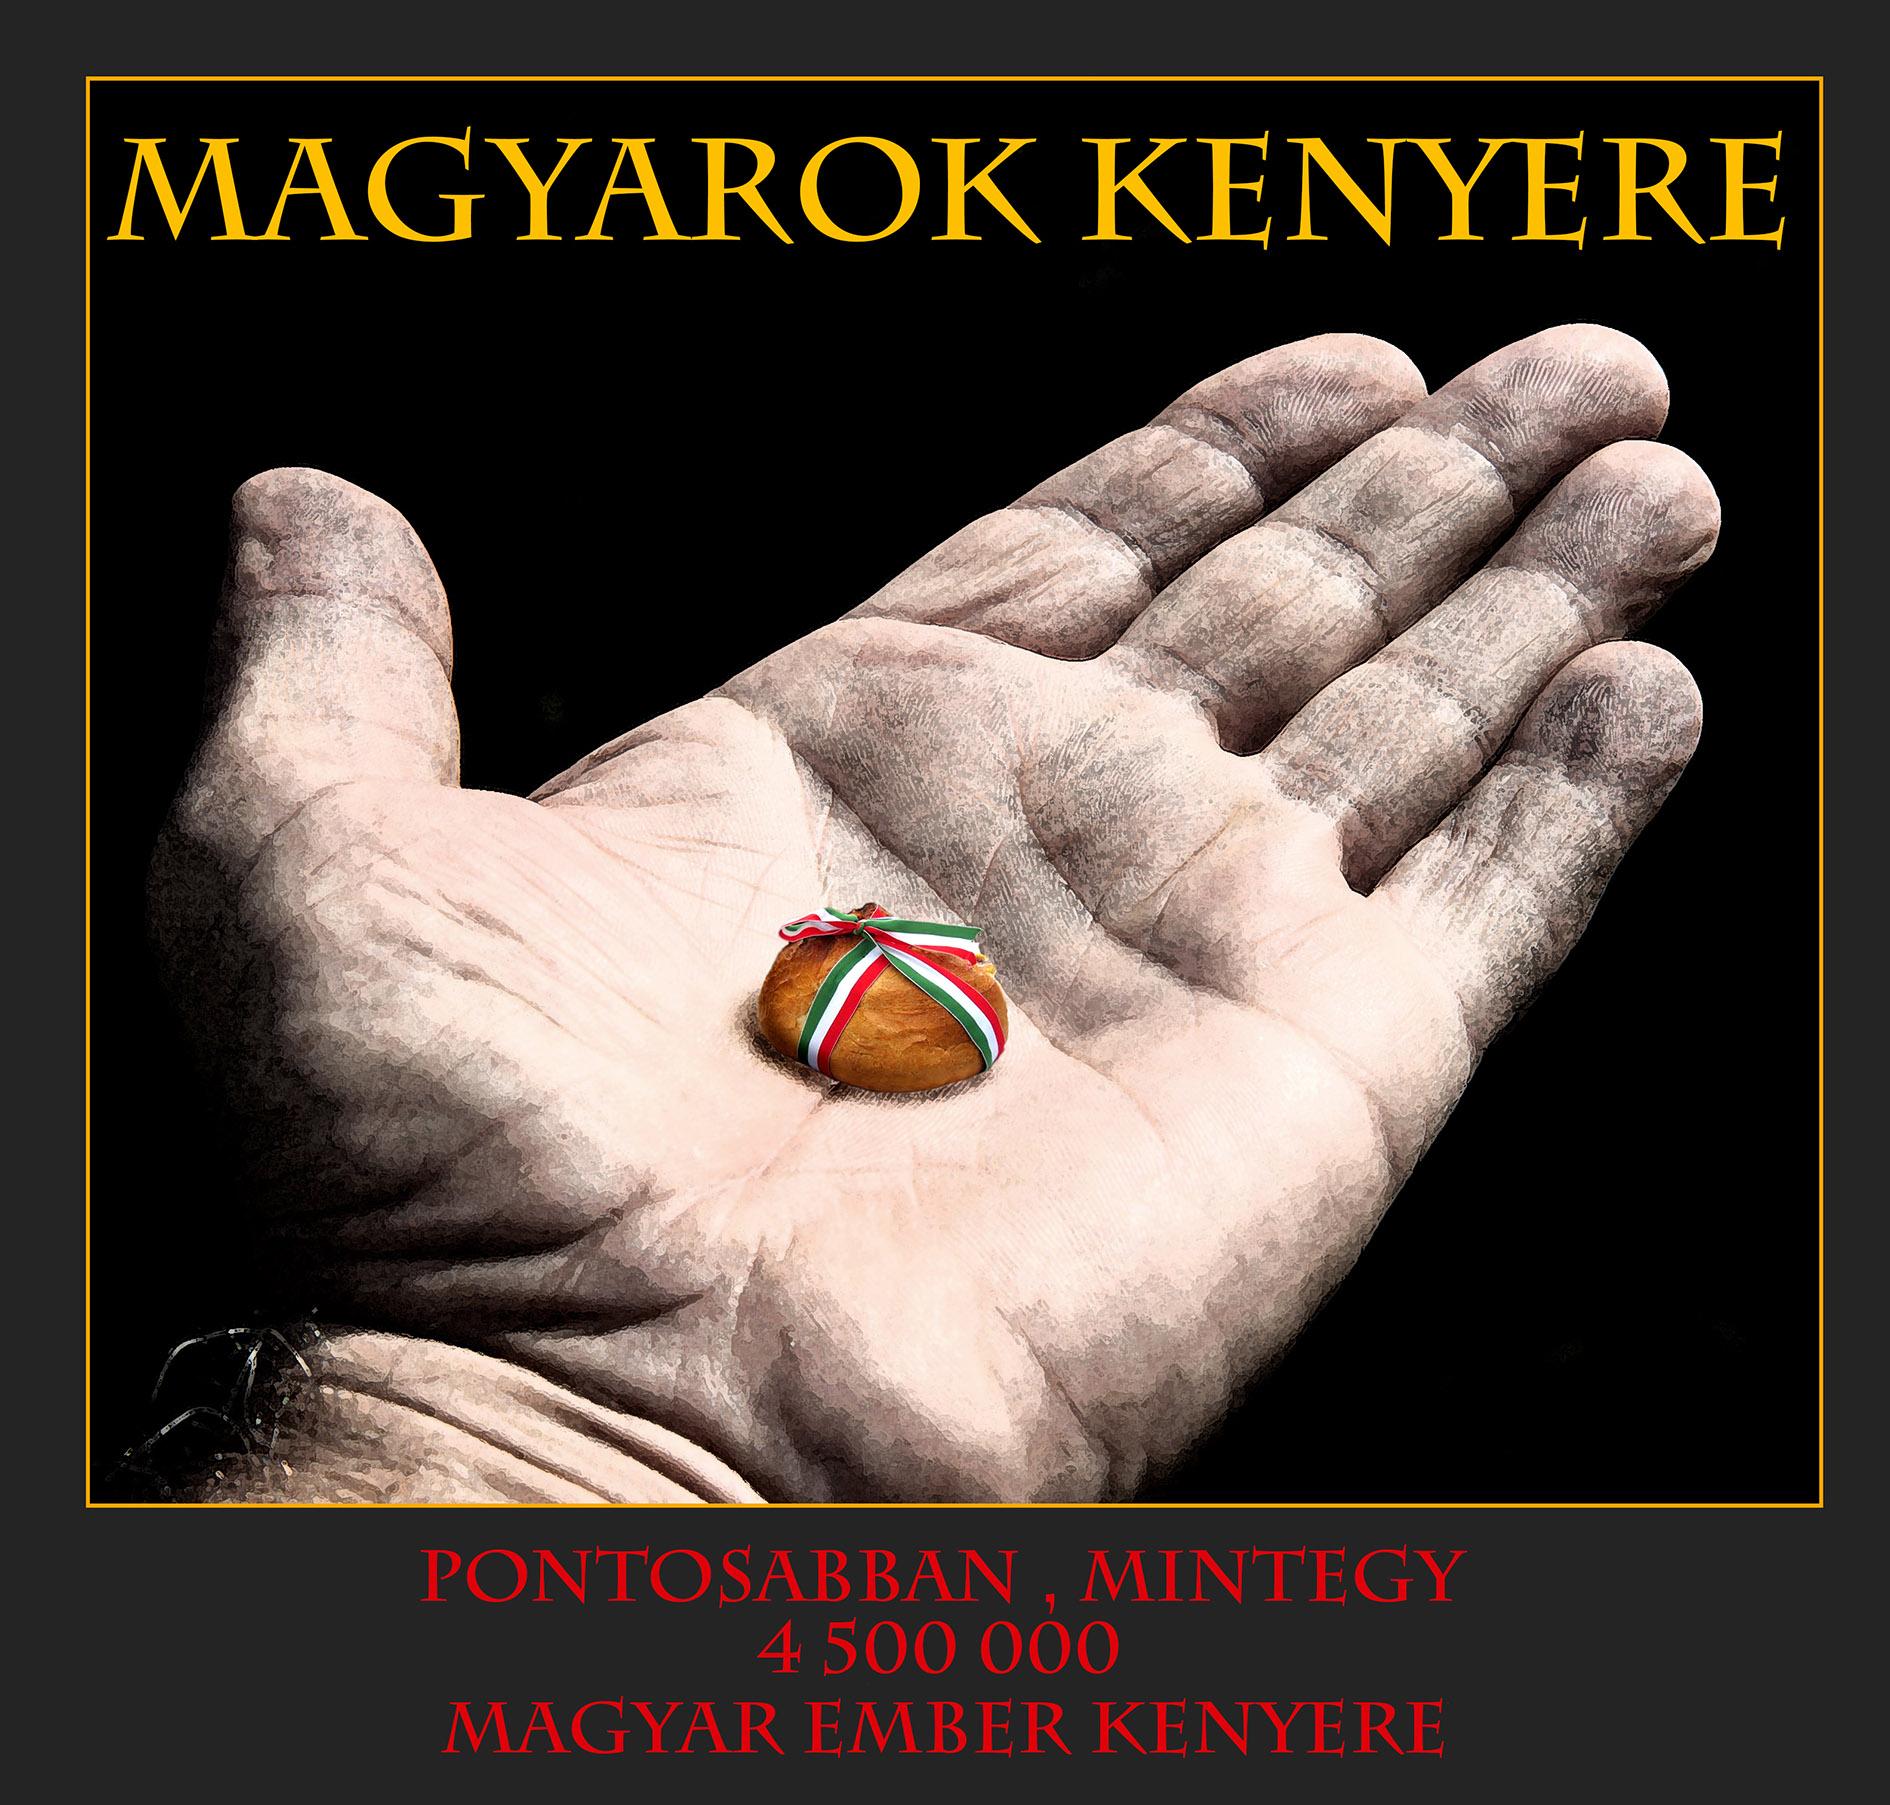 magyarok_kenyere2x_1408443379.jpg_1890x1805